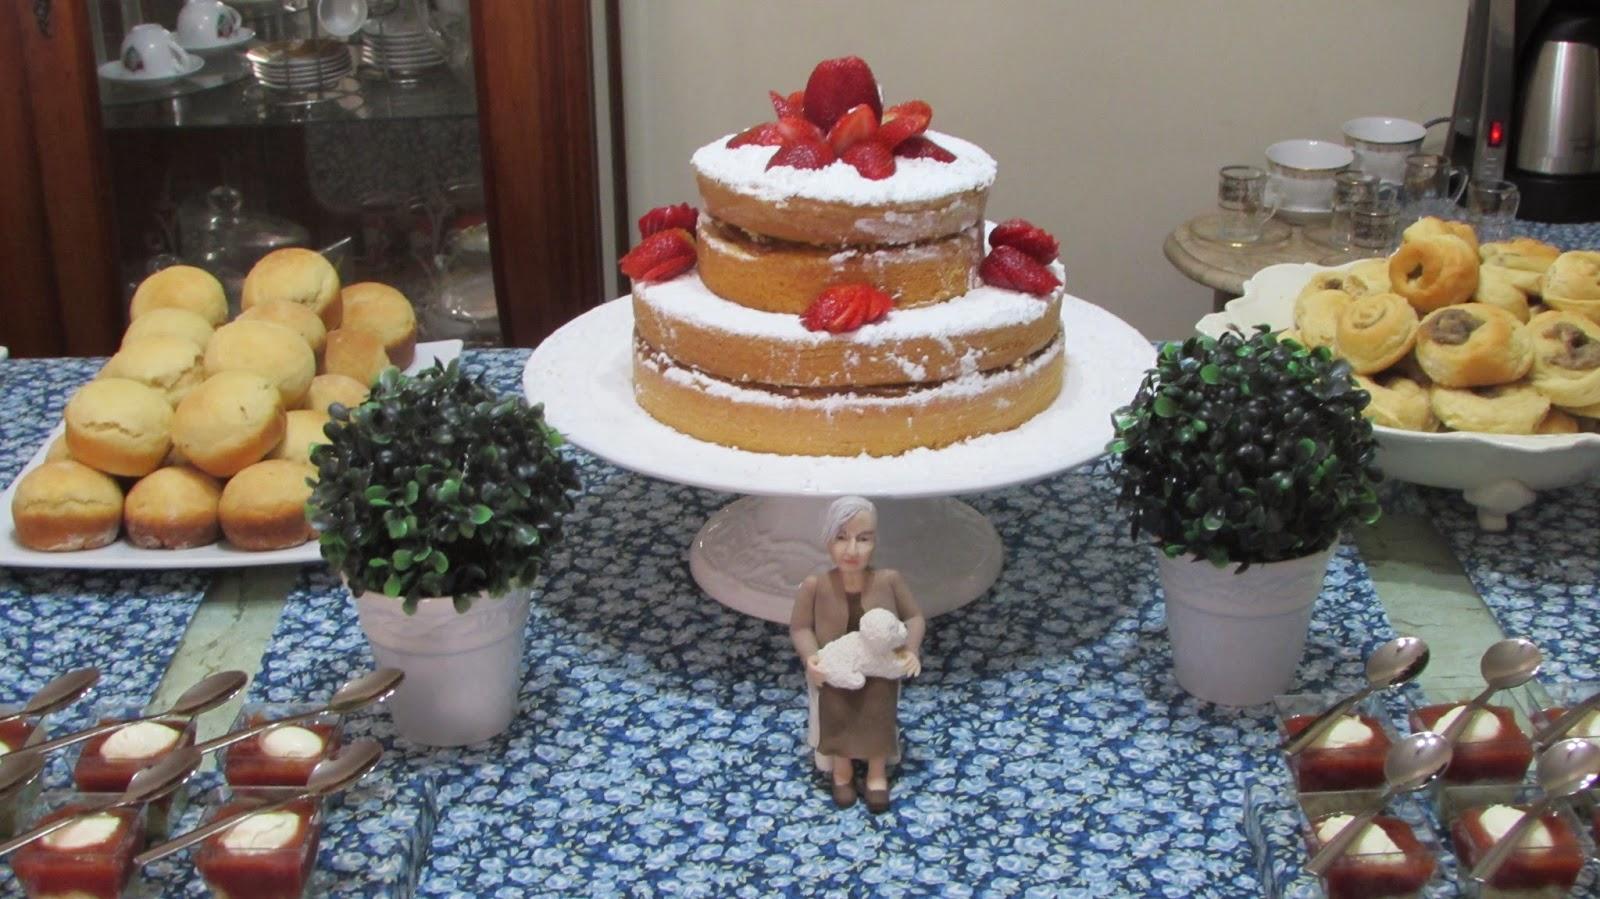 Super Degustando ideias | Blog de Culinária: aniversário adulto IR47